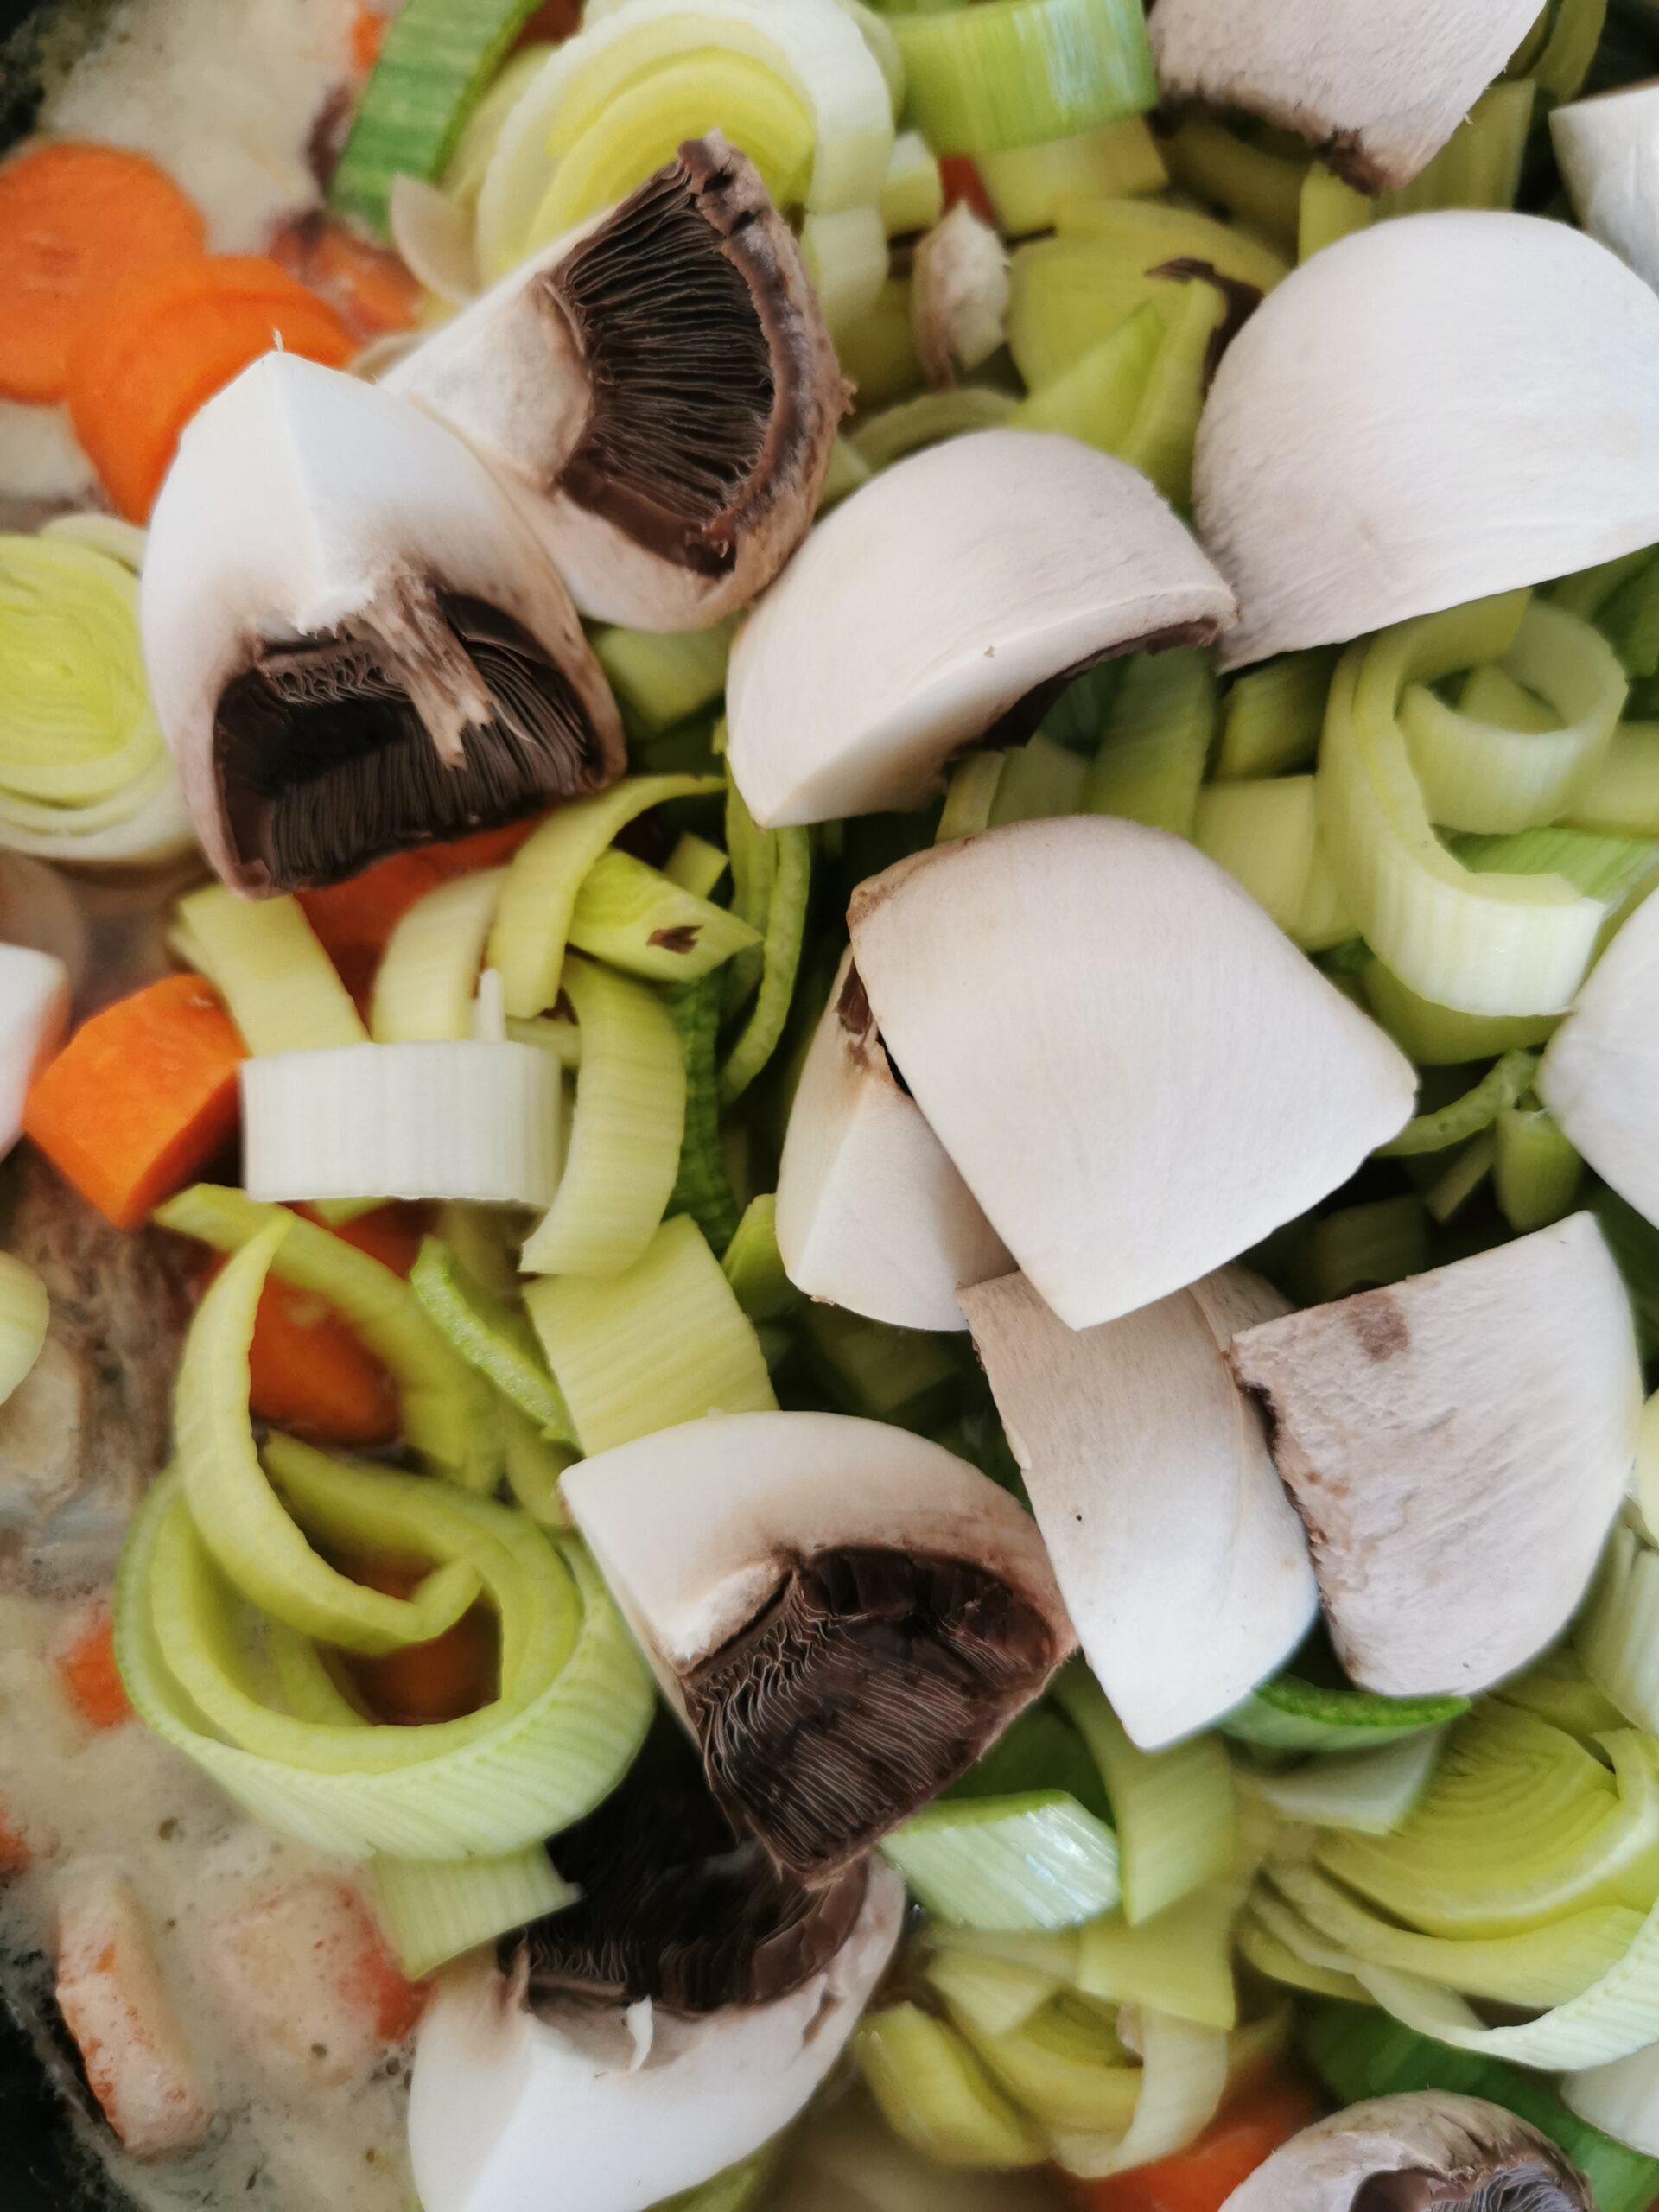 Gros plan sur des légumes coupés : champignons, poireaux et carottes